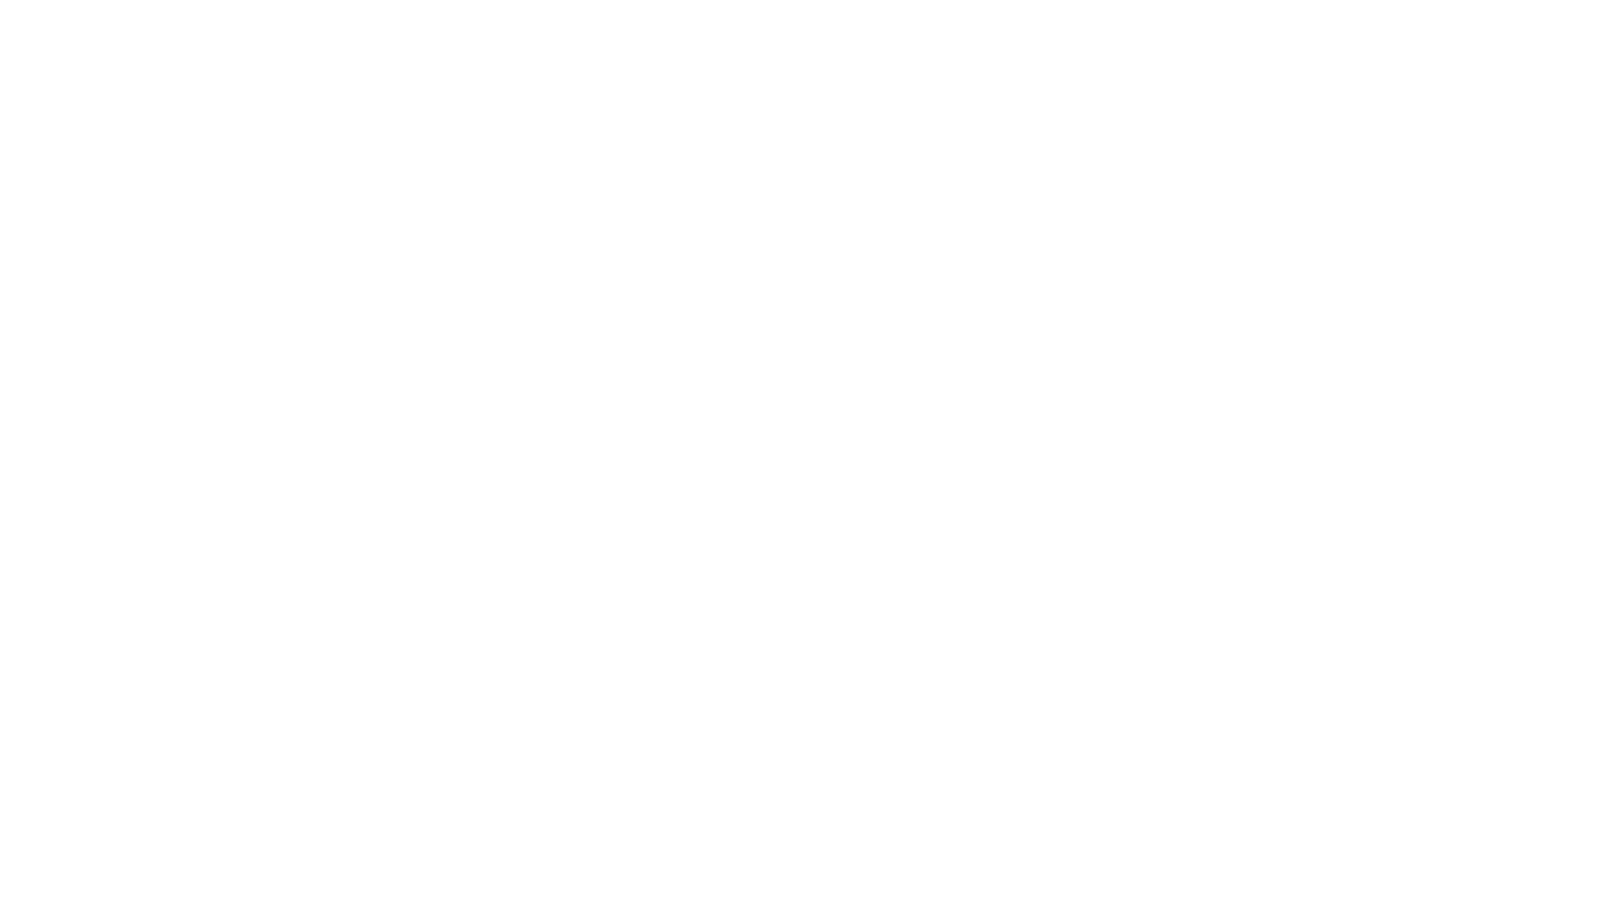 Záznam ze svatebního obřadu v Kutné Hoře doprovázeného vokálním triem Marry Keys - www.marrykeys.com.   Zpěv: Kateřina Bohatová - https://www.instagram.com/katerinabohatova/?hl=cs  Josefína Horníčková - https://www.instagram.com/josefina.hornickova Zuzana Vlčeková - https://www.instagram.com/vlcekovaz/  Arrangement: Josefína Horníčková